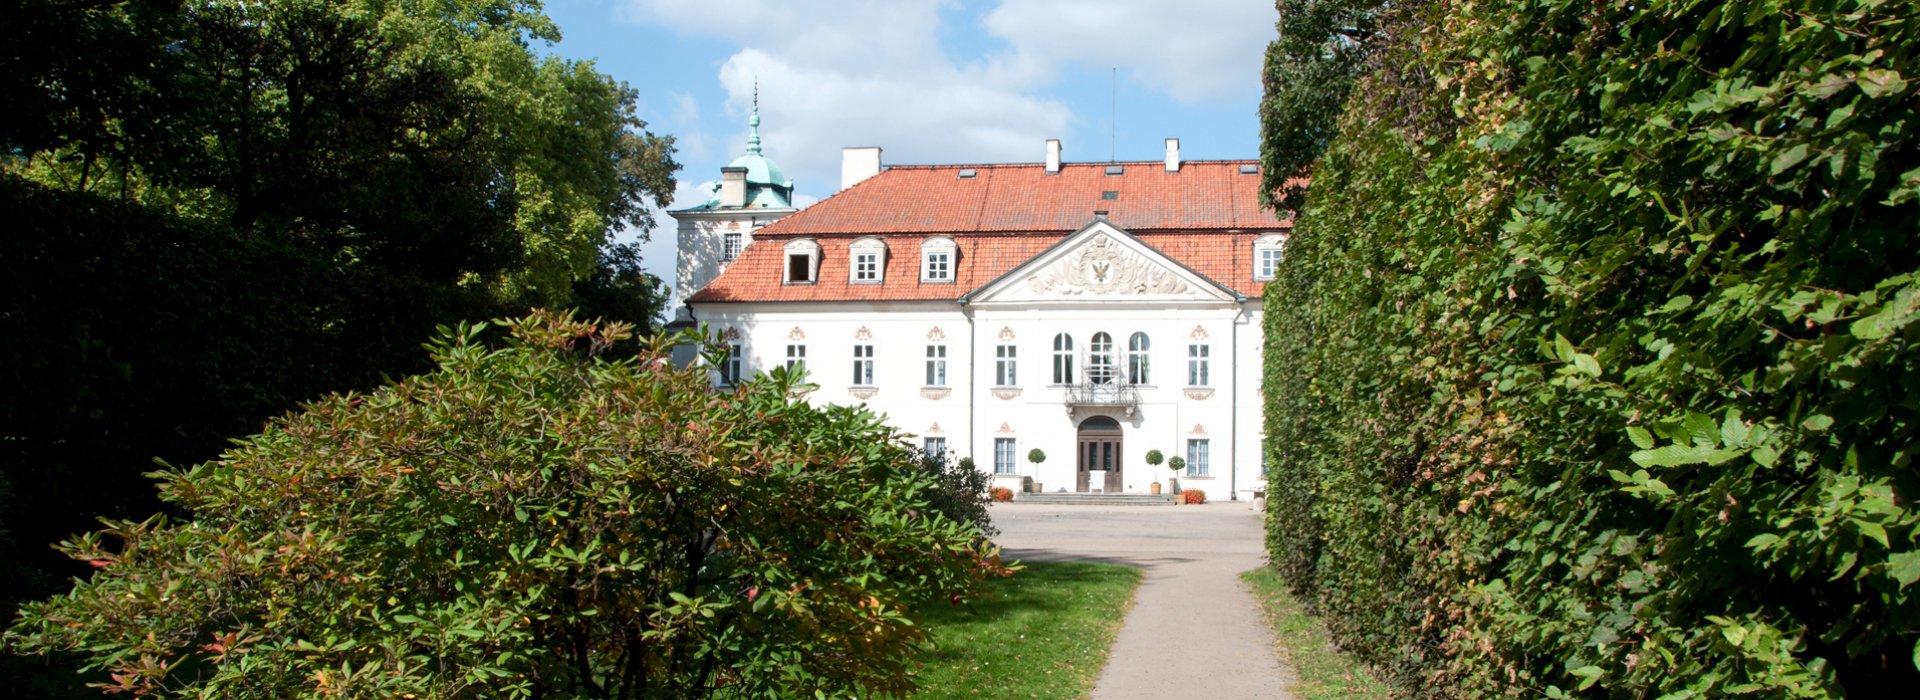 Polish aristocratic residence Nieborów located near Warsaw